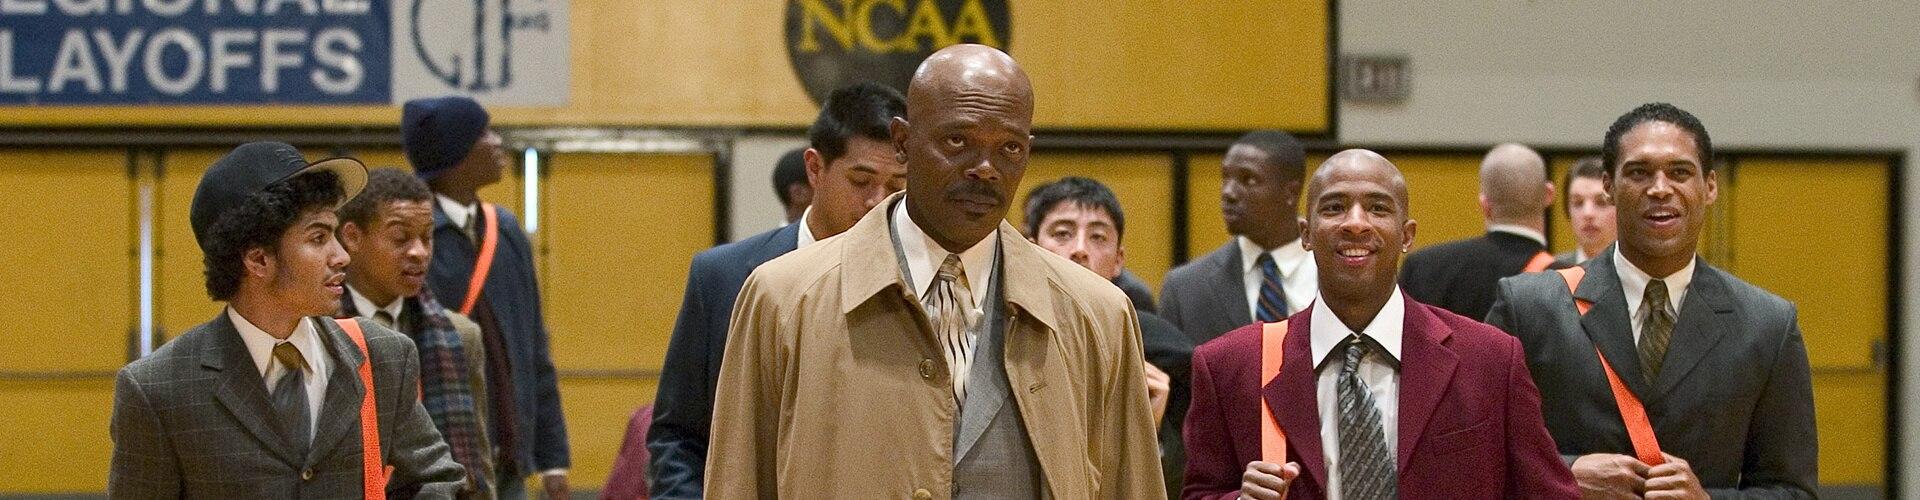 Watch Coach Carter Online